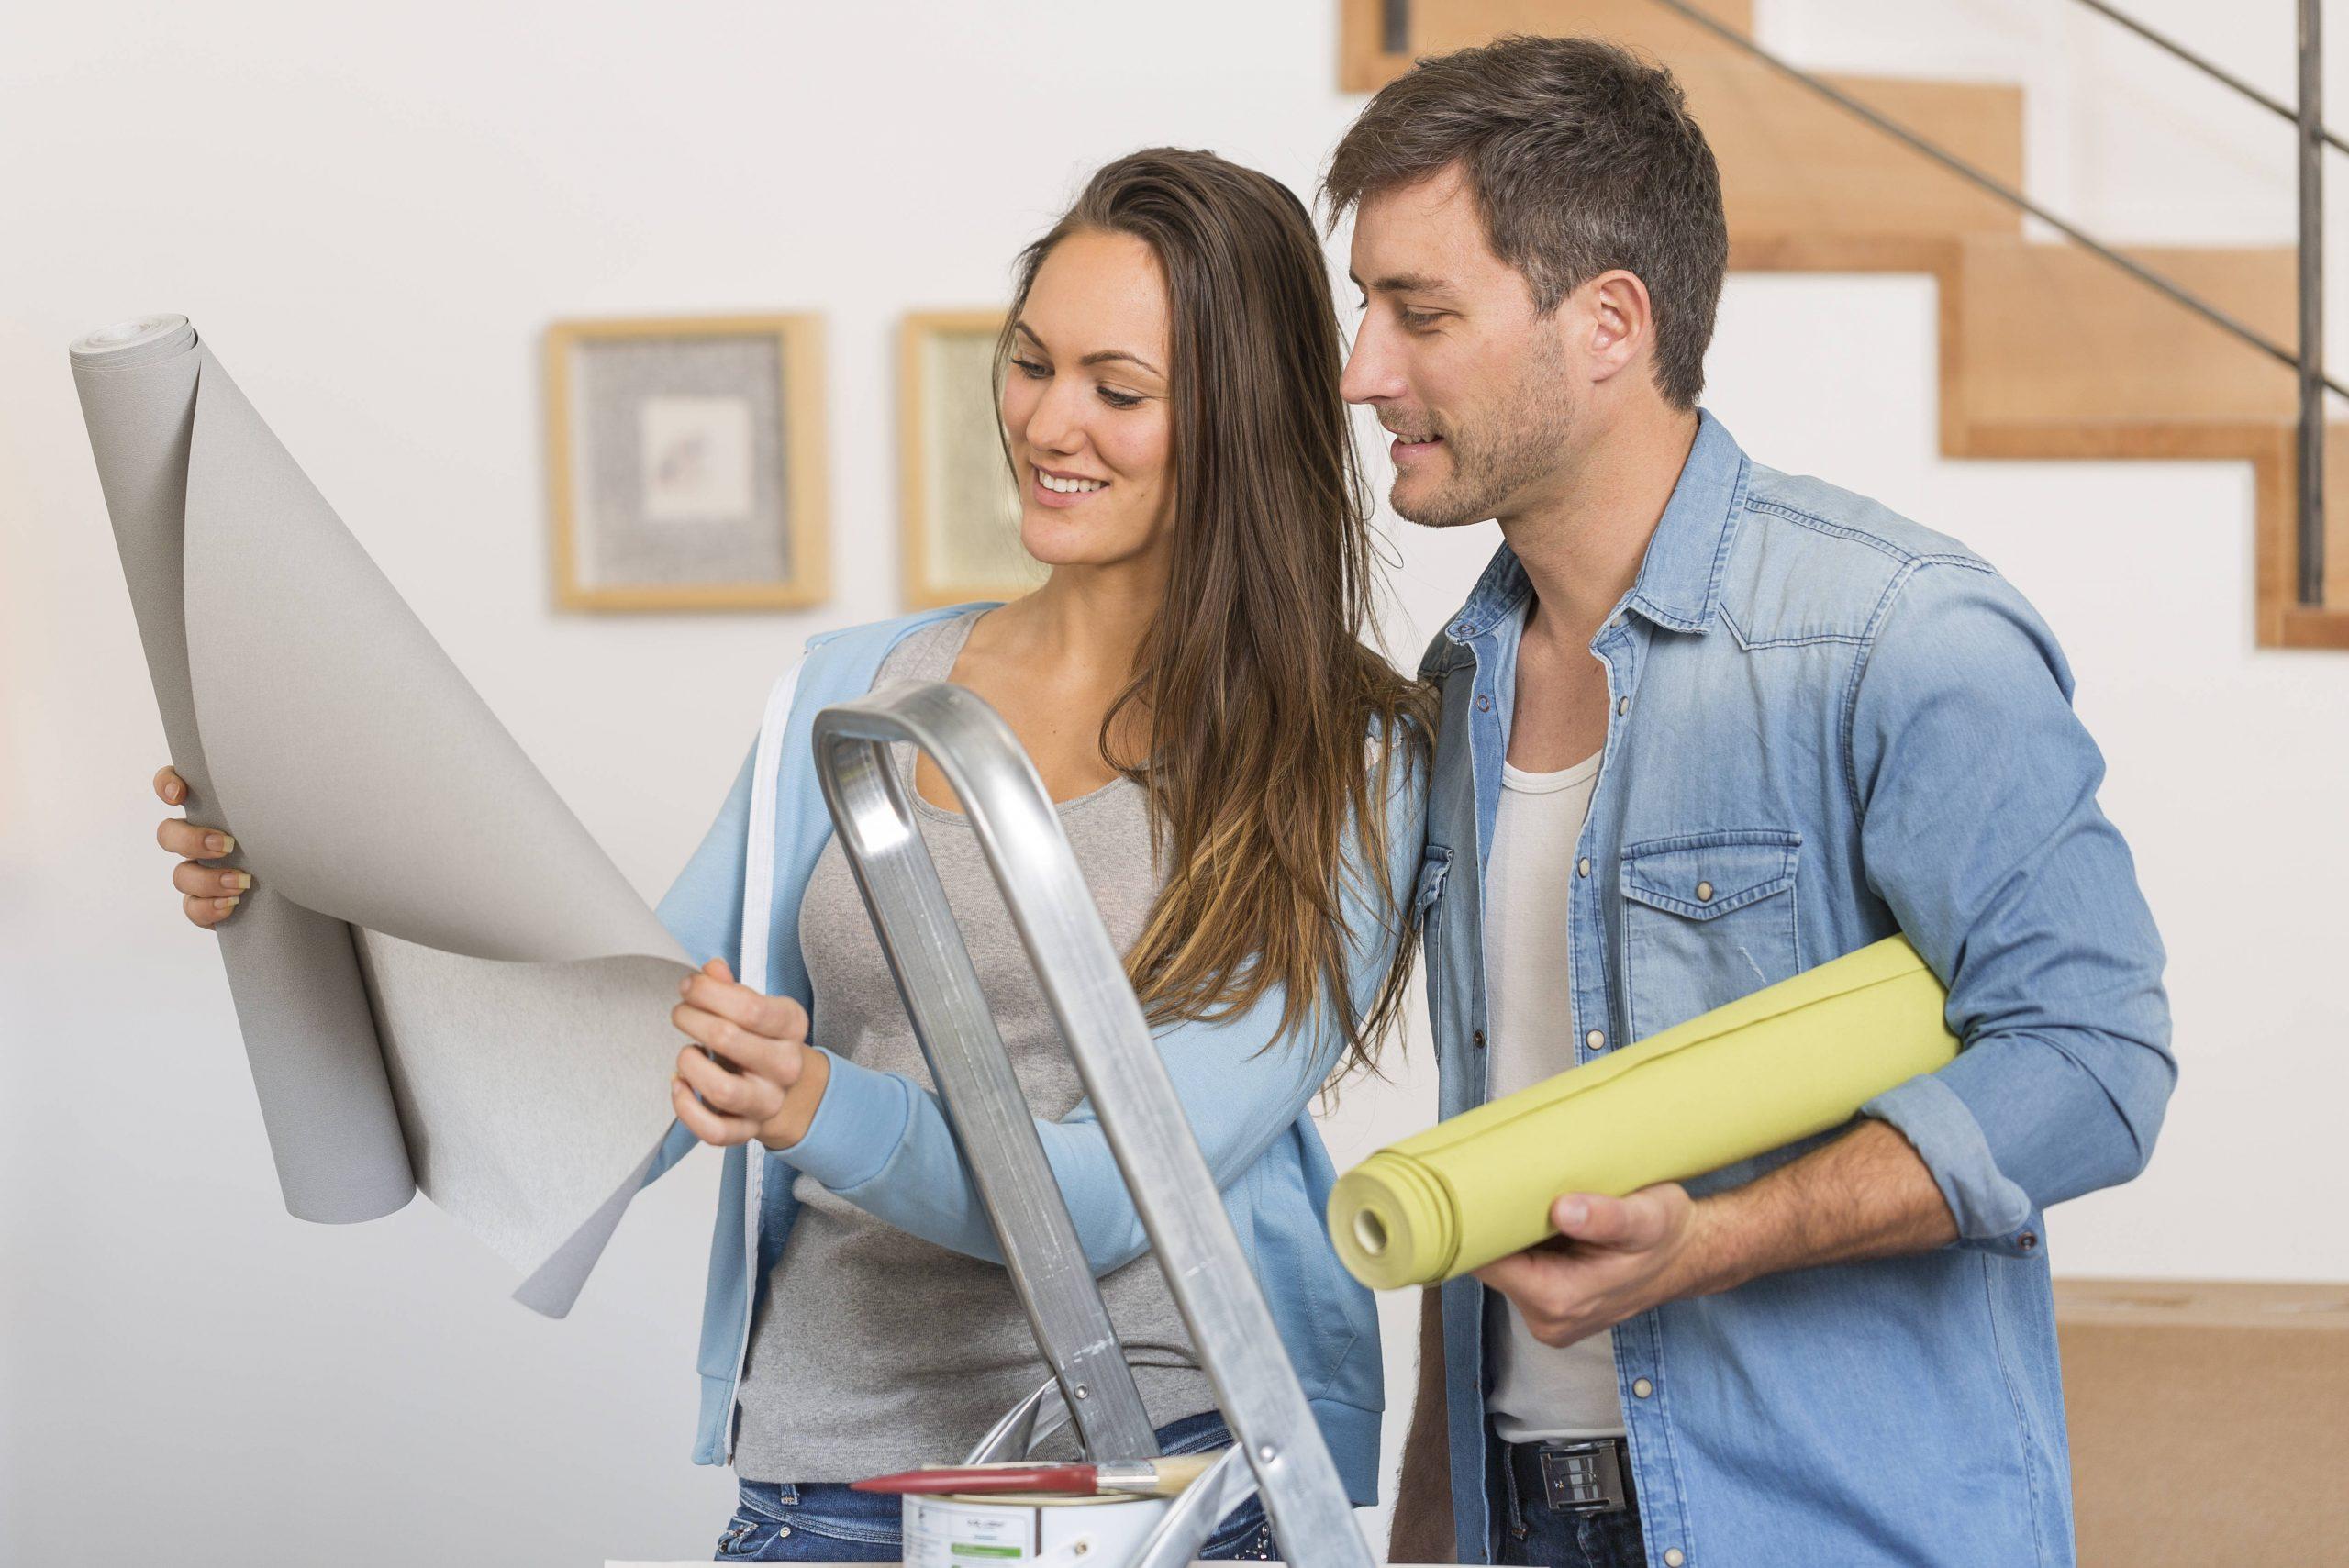 Las reformas del hogar familiar necesitan profesionales de confianza